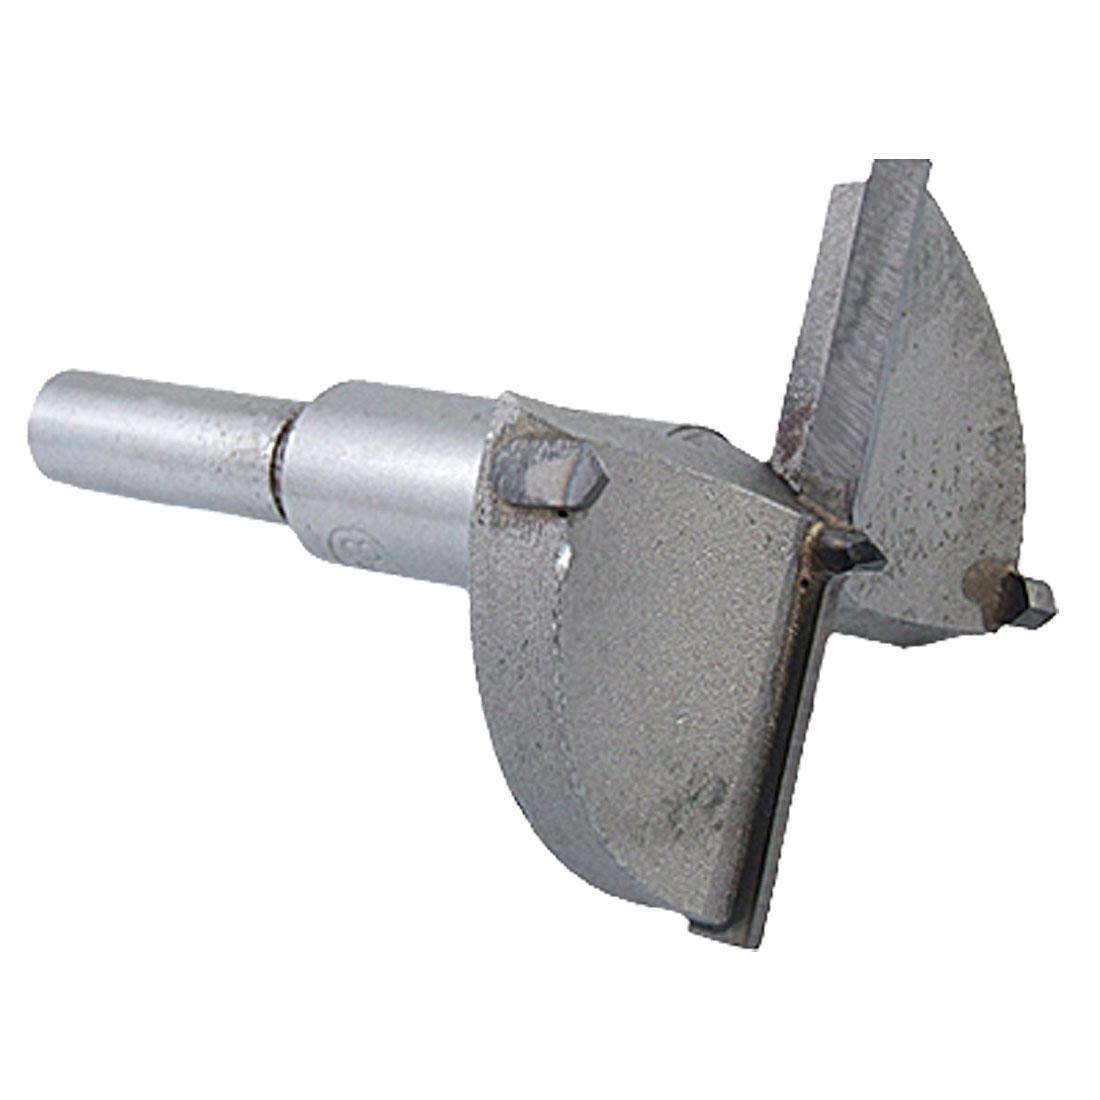 Carpenter Metal Hinge 70mm Diameter Hole Saw Drilling Bits